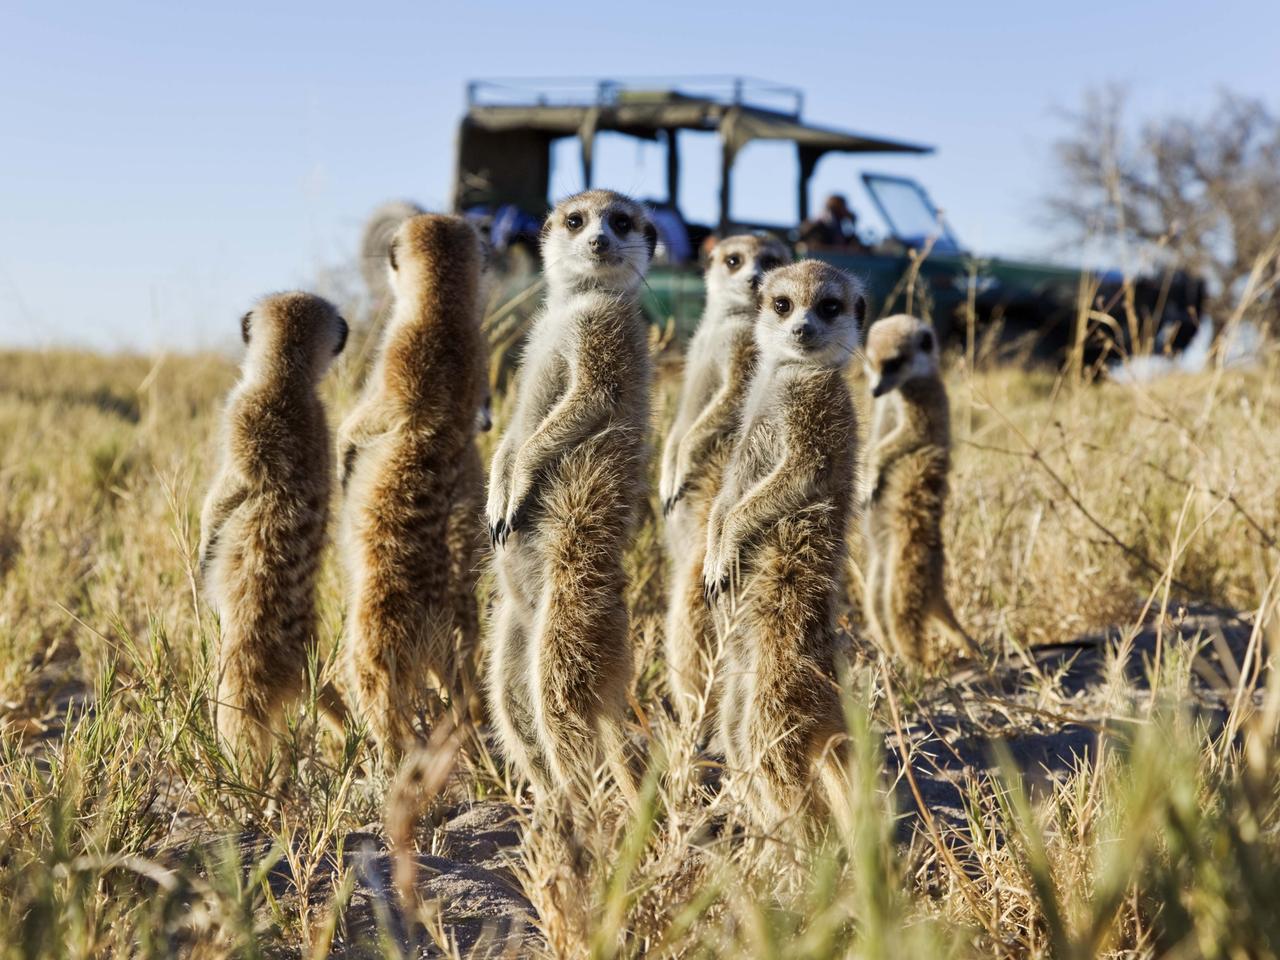 Meerkats standing in field, Botswana